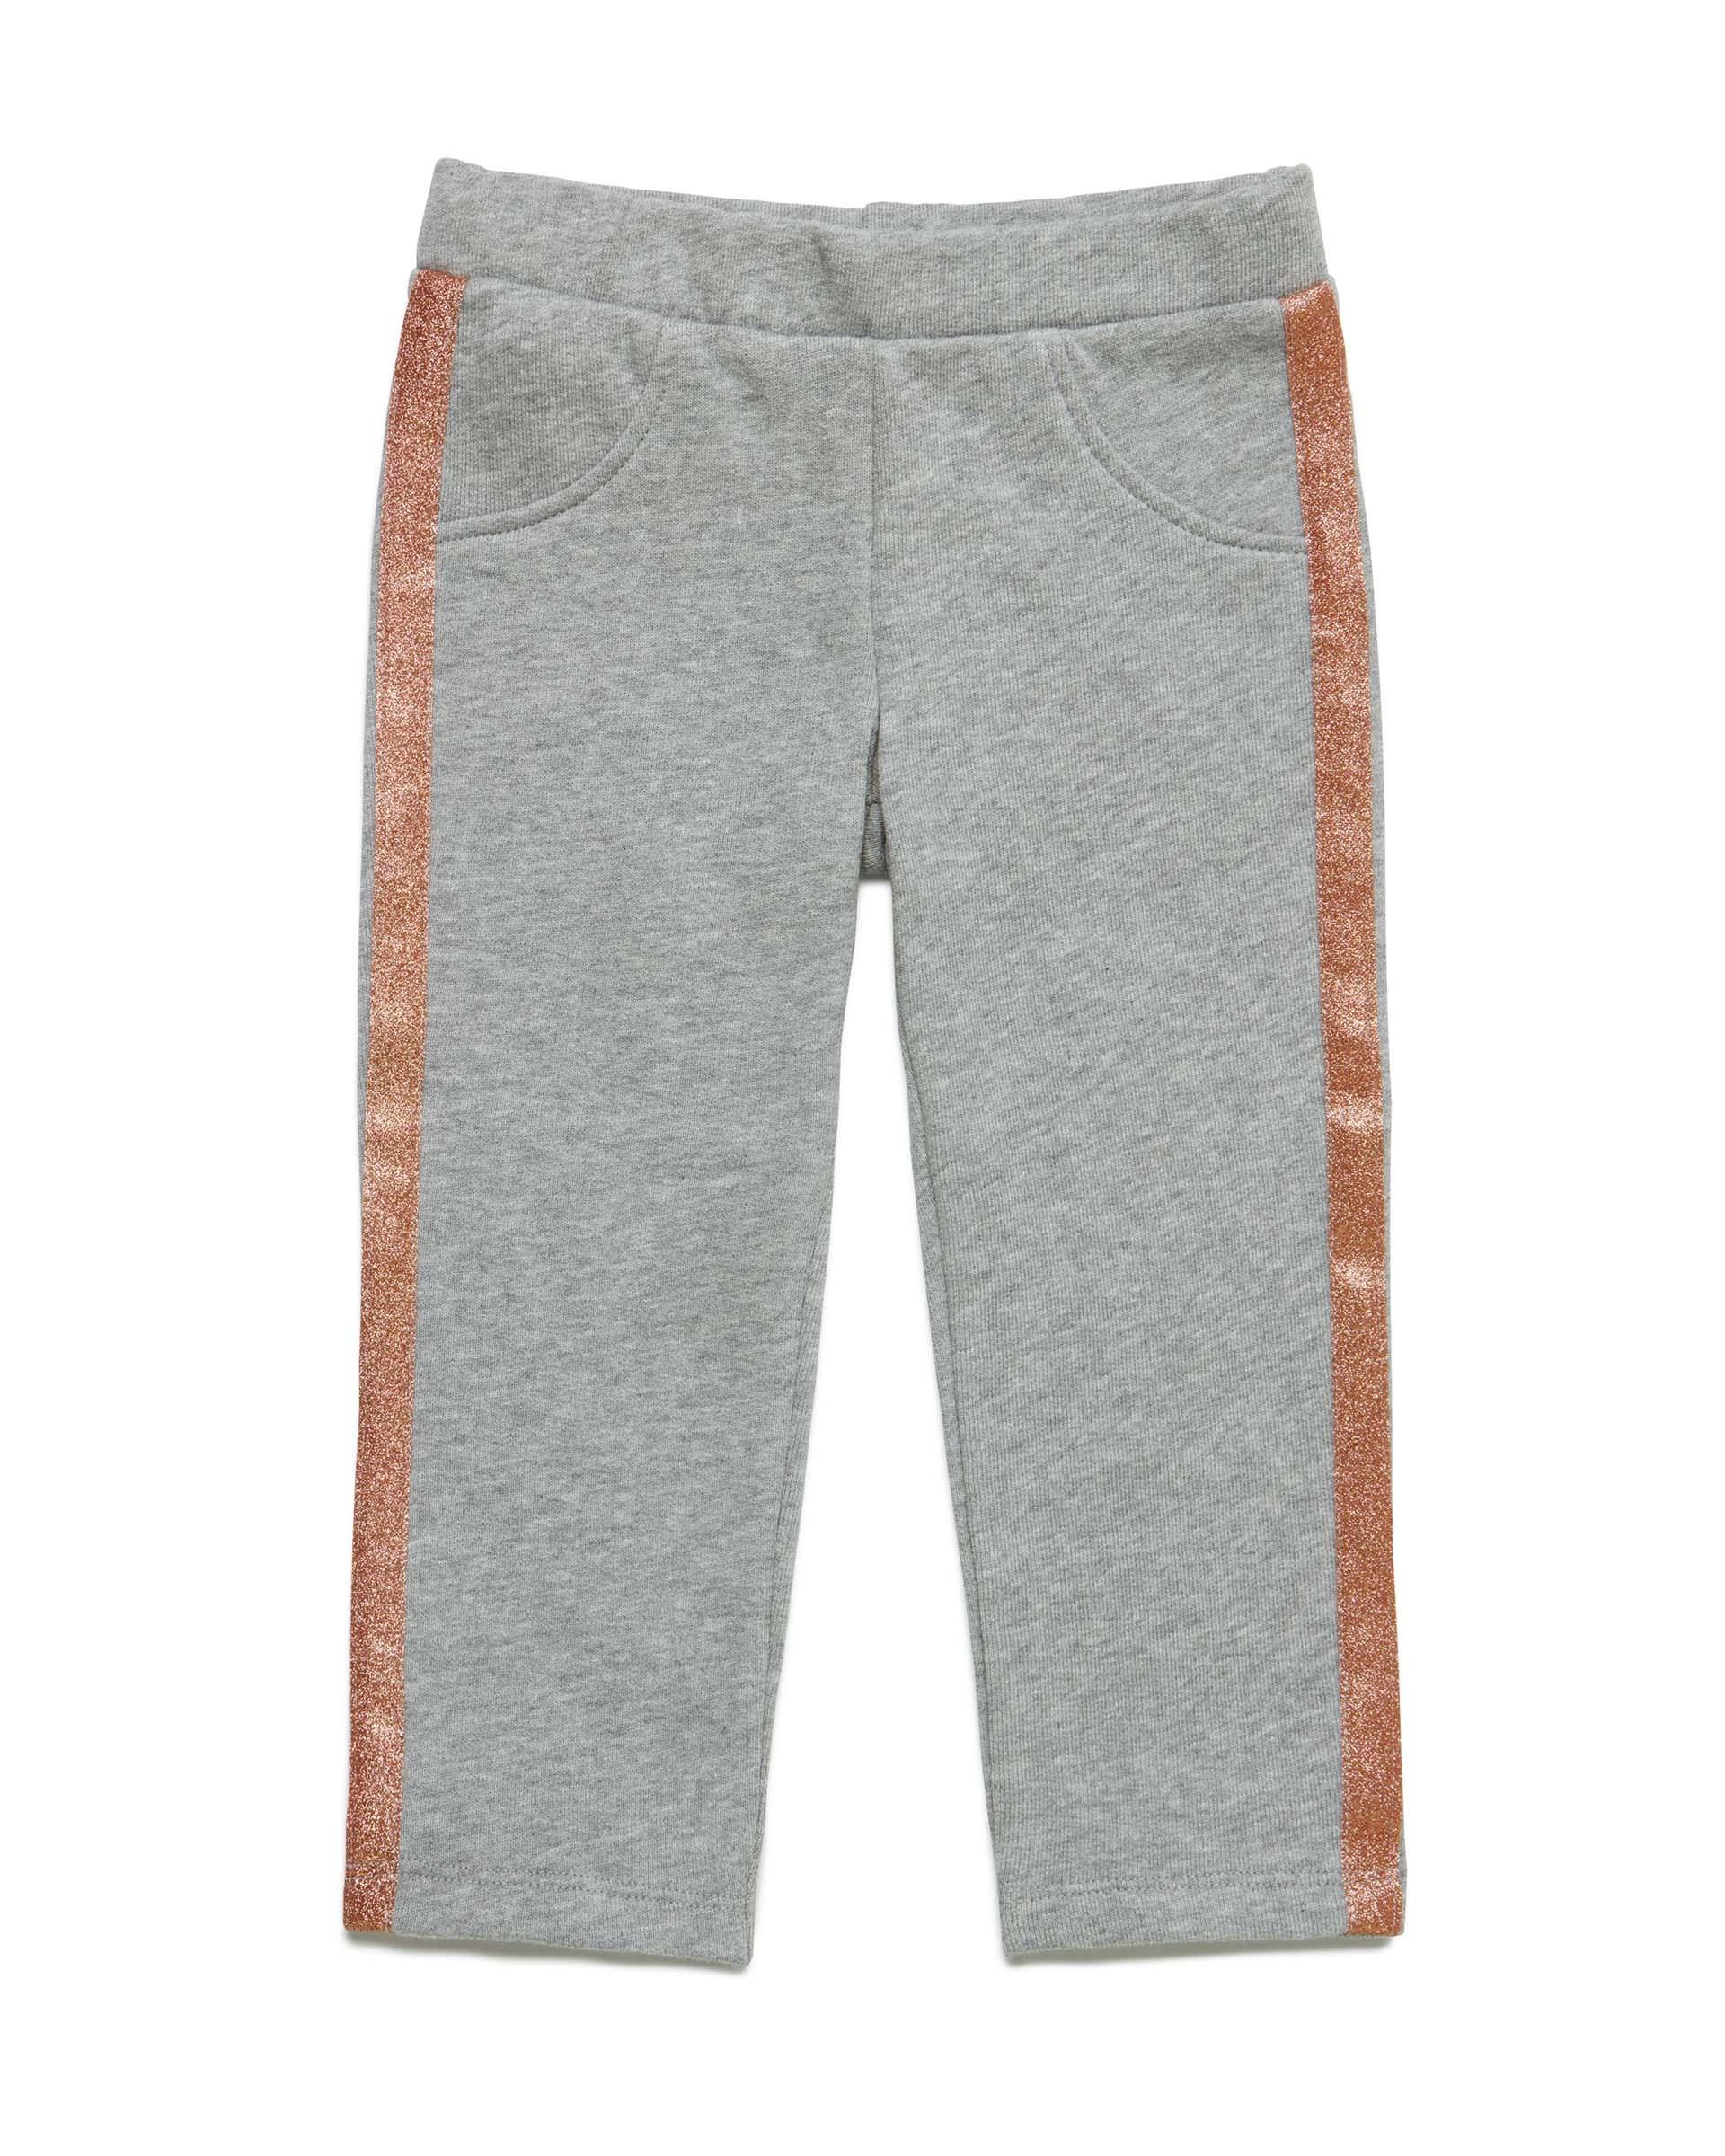 20P_3J68I02DP_501, Спортивные брюки для девочек Benetton 3J68I02DP_501 р-р 104, United Colors of Benetton, Брюки для девочек  - купить со скидкой